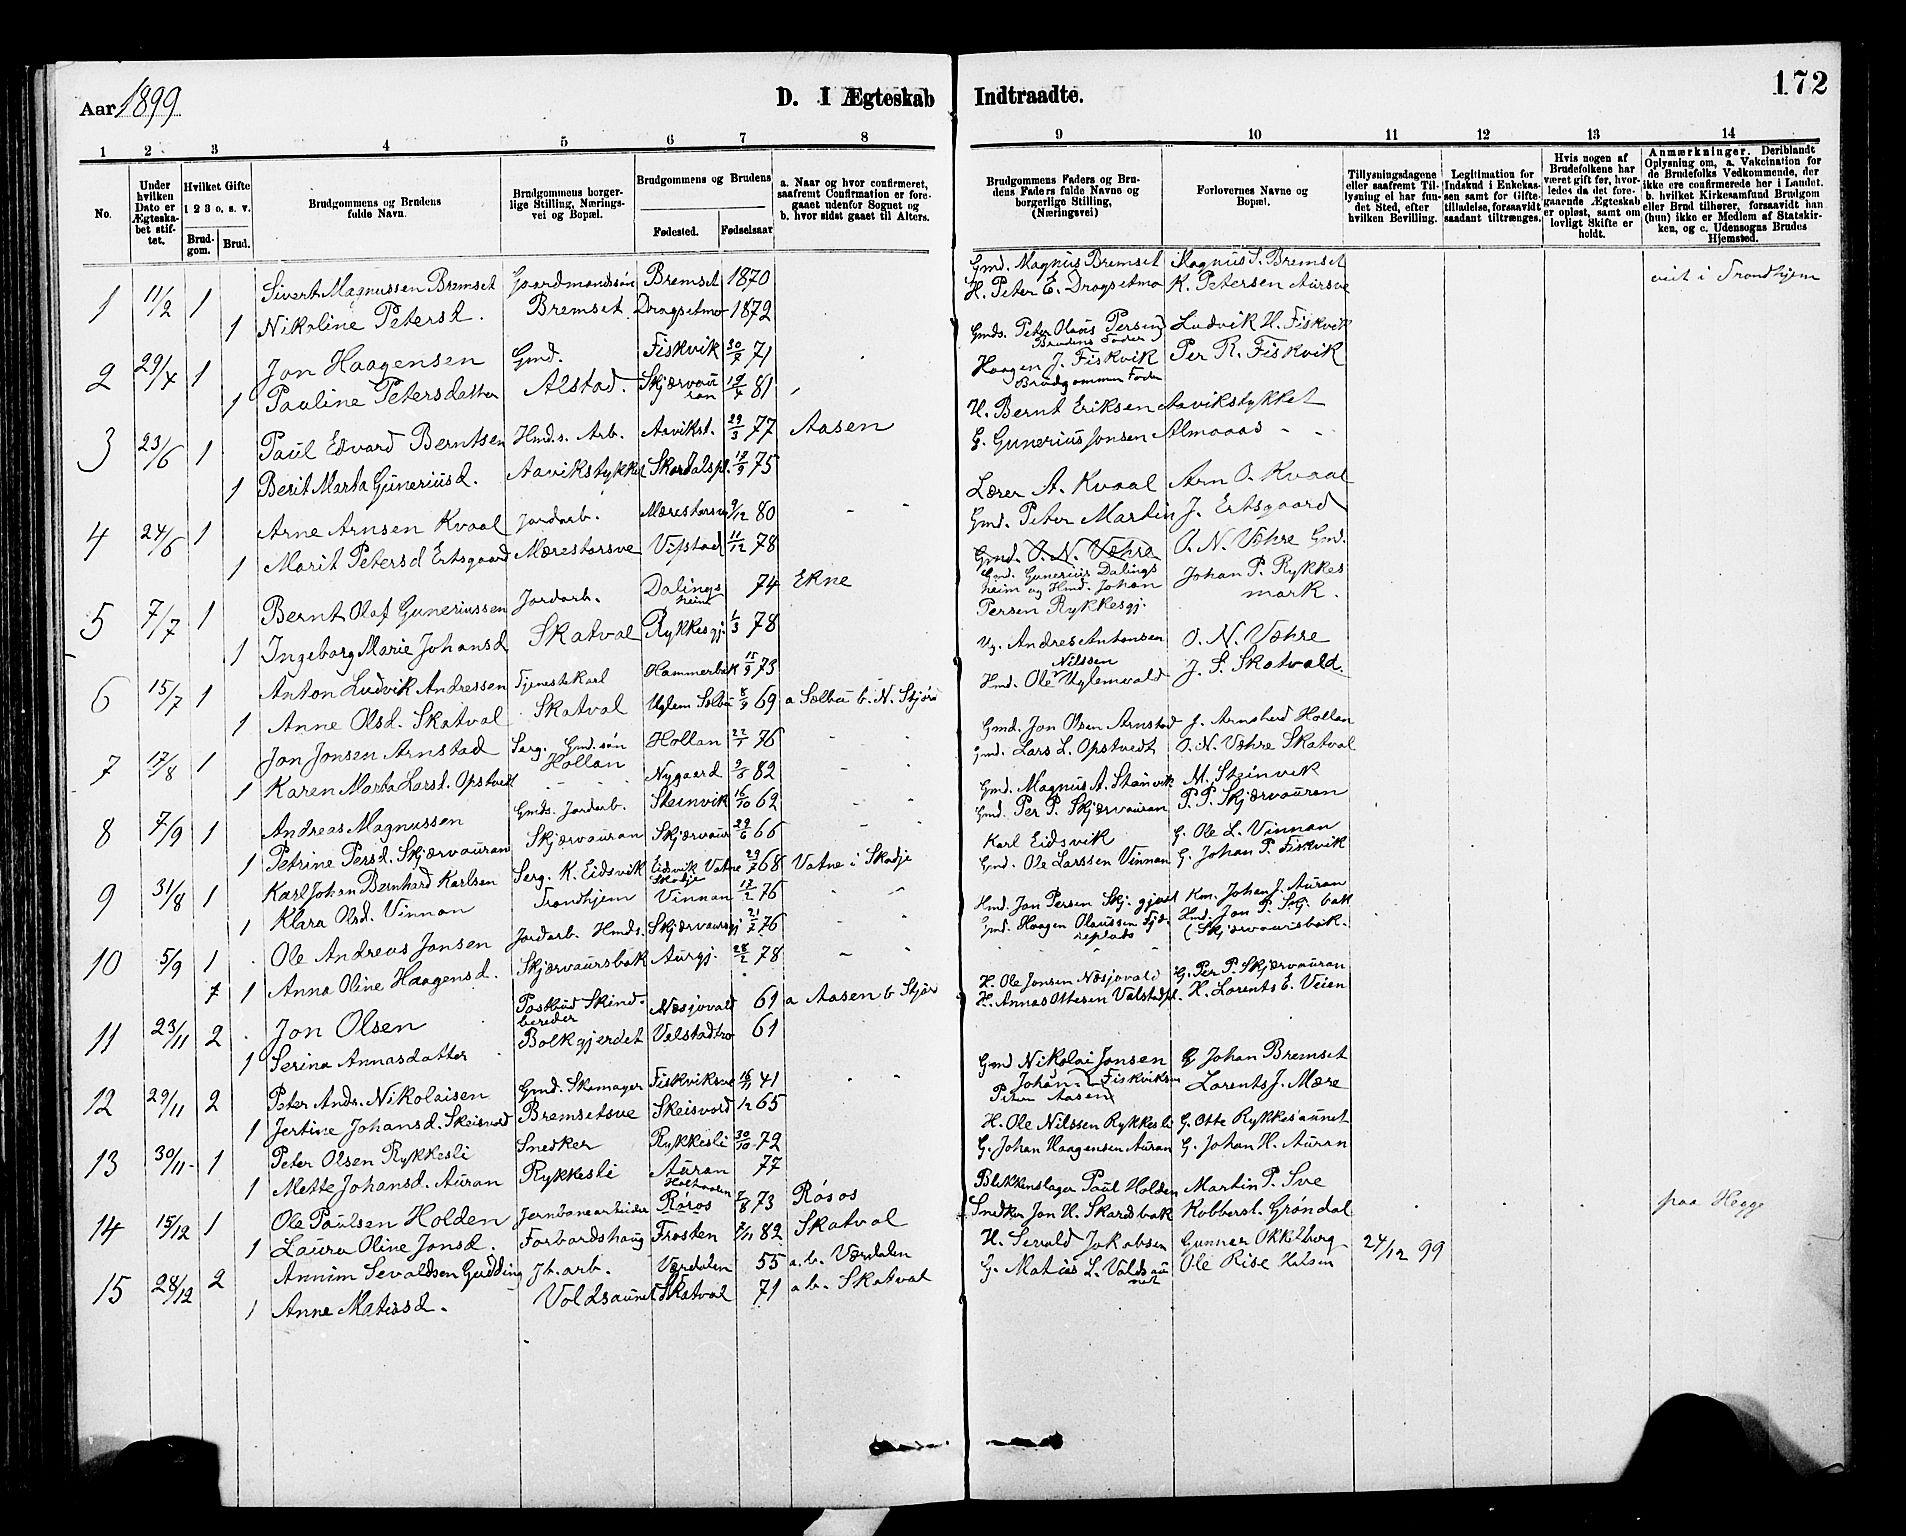 SAT, Ministerialprotokoller, klokkerbøker og fødselsregistre - Nord-Trøndelag, 712/L0103: Klokkerbok nr. 712C01, 1878-1917, s. 172